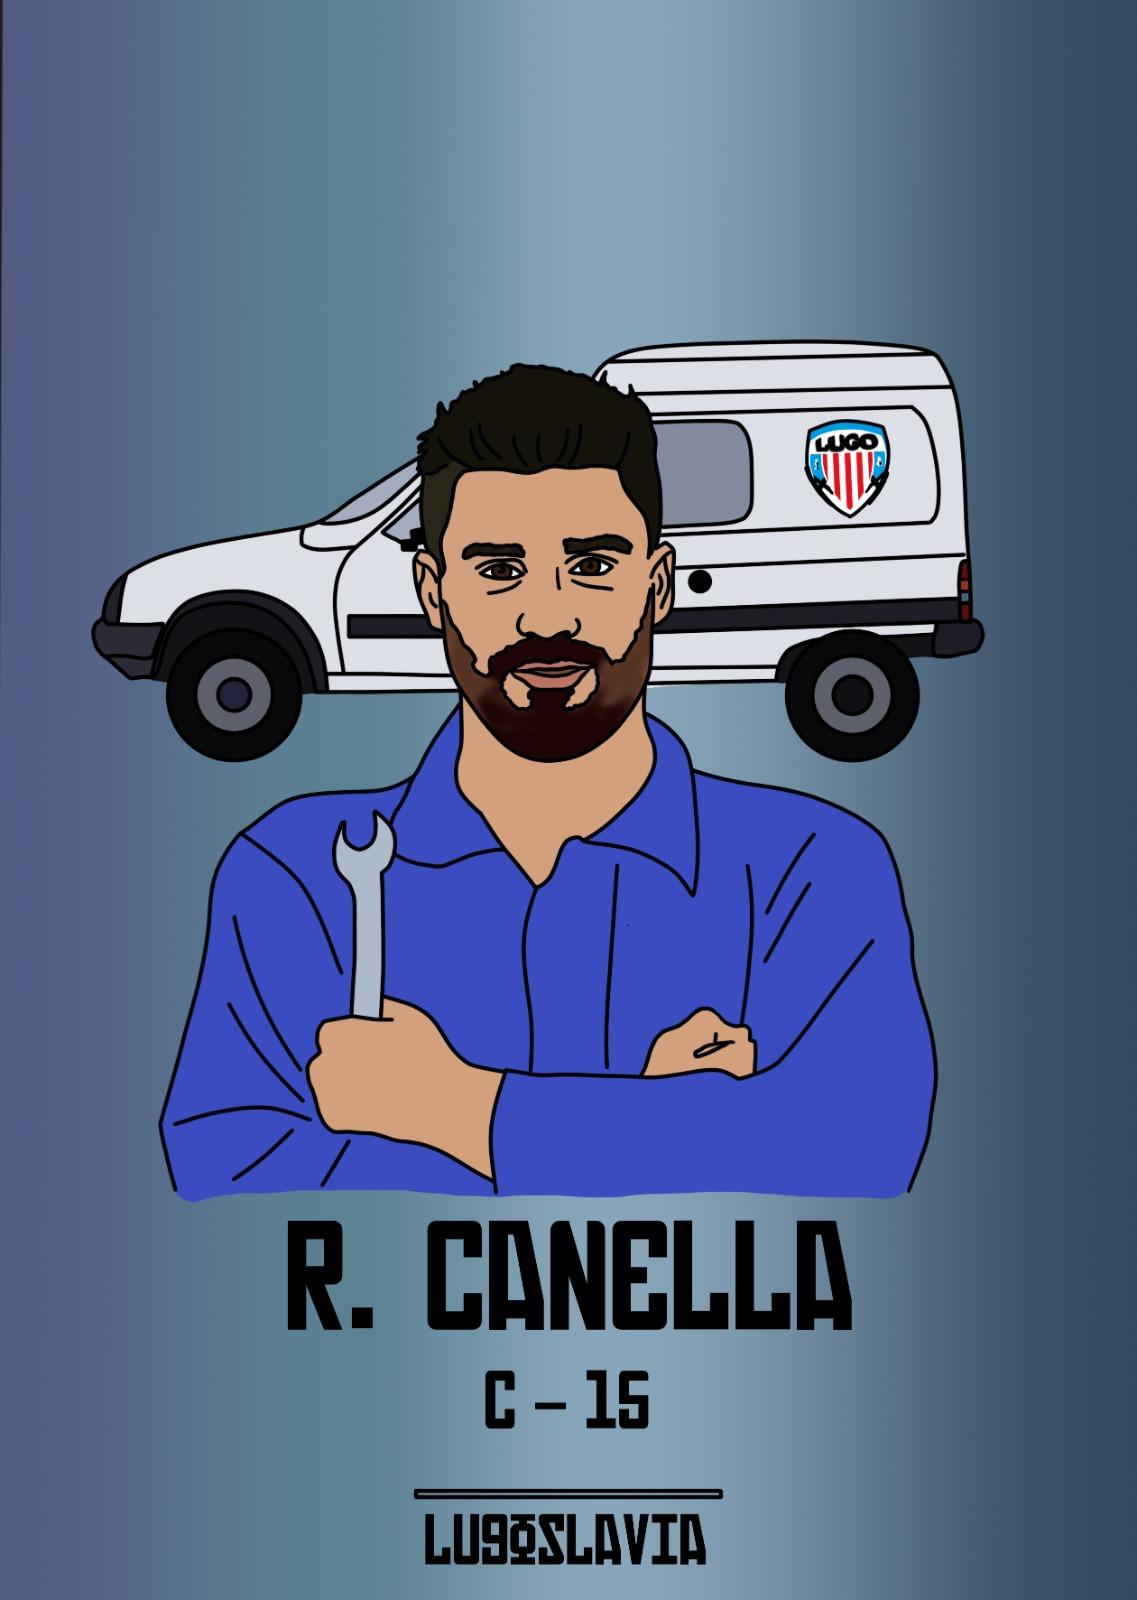 Canella CD Lugo, ilustrado por Lugoslavia, por Pablo del Valle